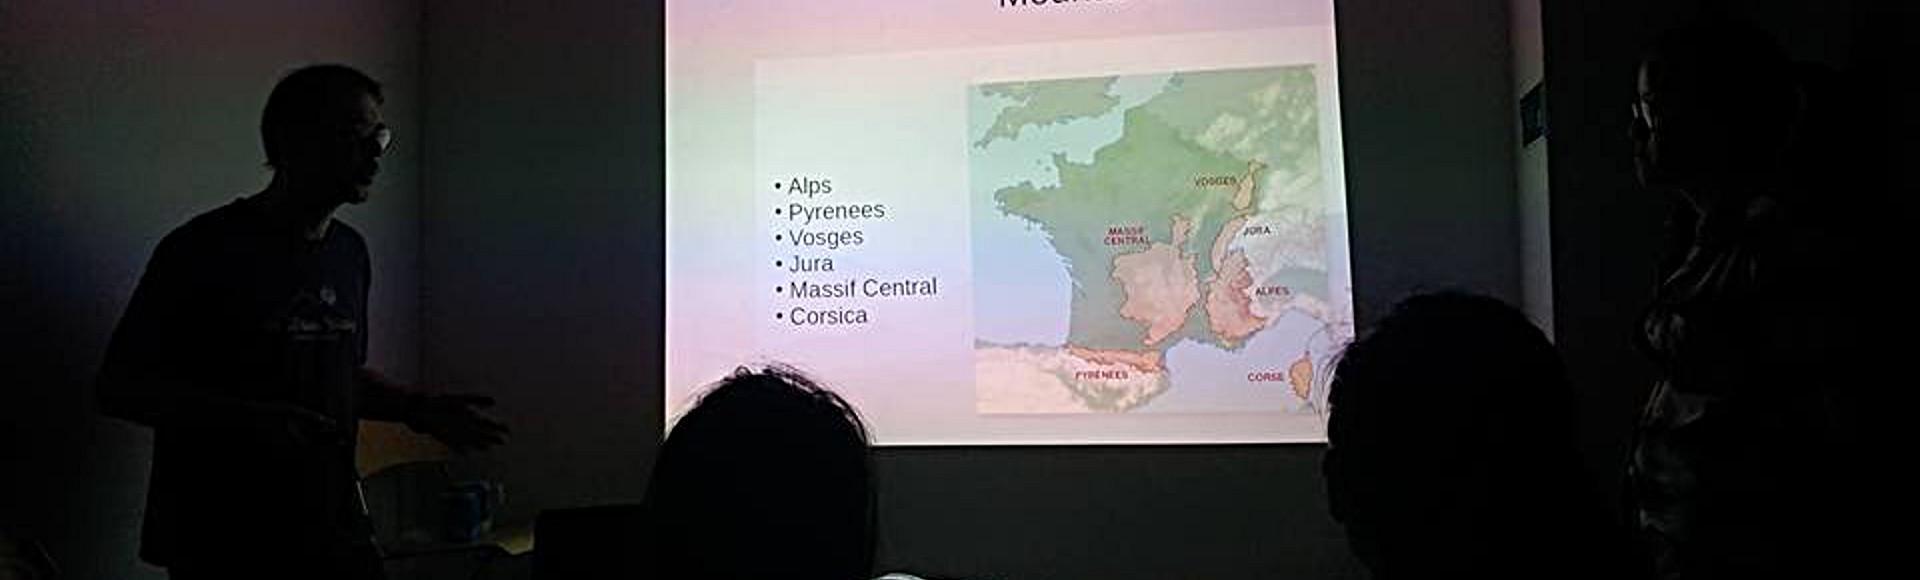 Conférences sur Taipei